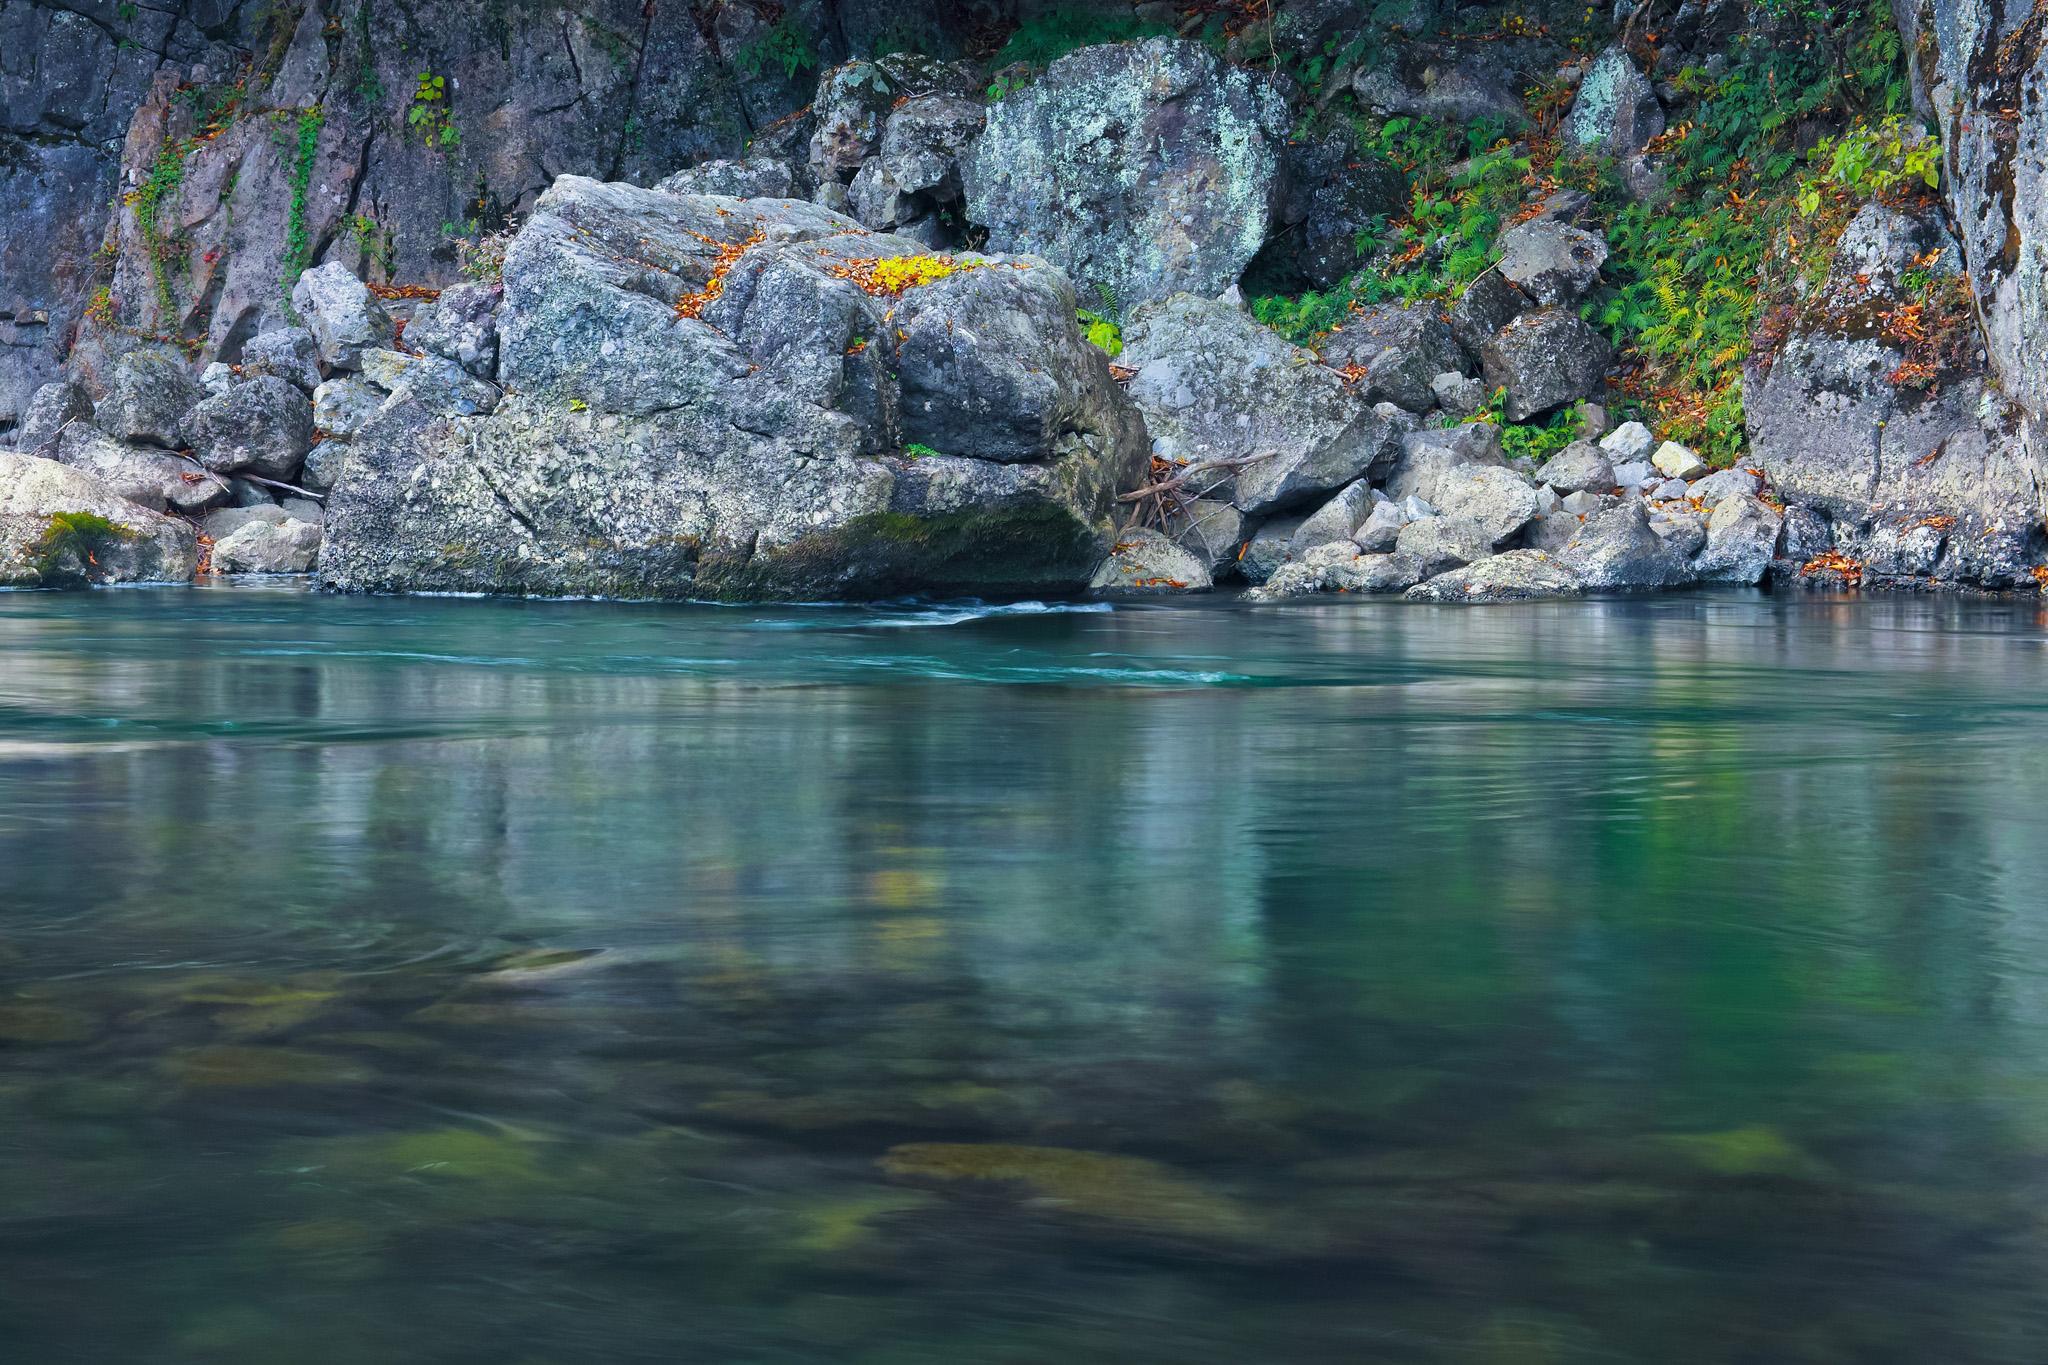 「川底が見えるエメラルドグリーンの水と岩」の素材を無料ダウンロード